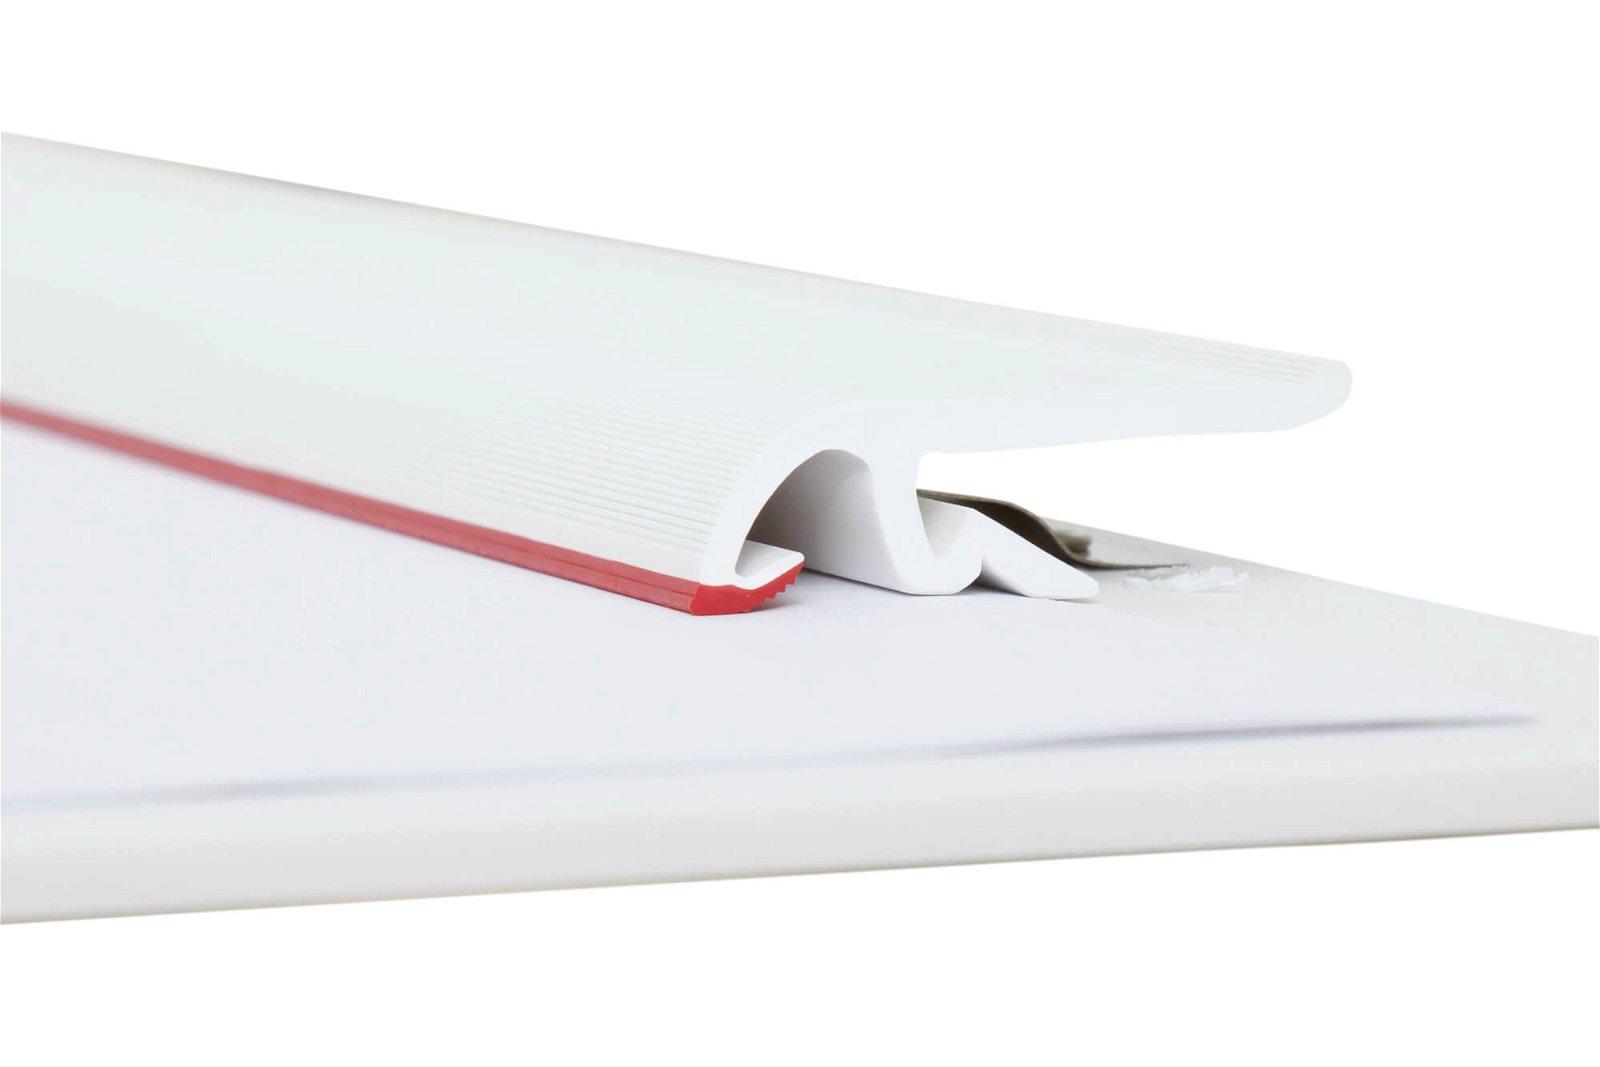 A3 Schreibplatte MAULpro Kunststoff Klemmer lange Seite, weiß